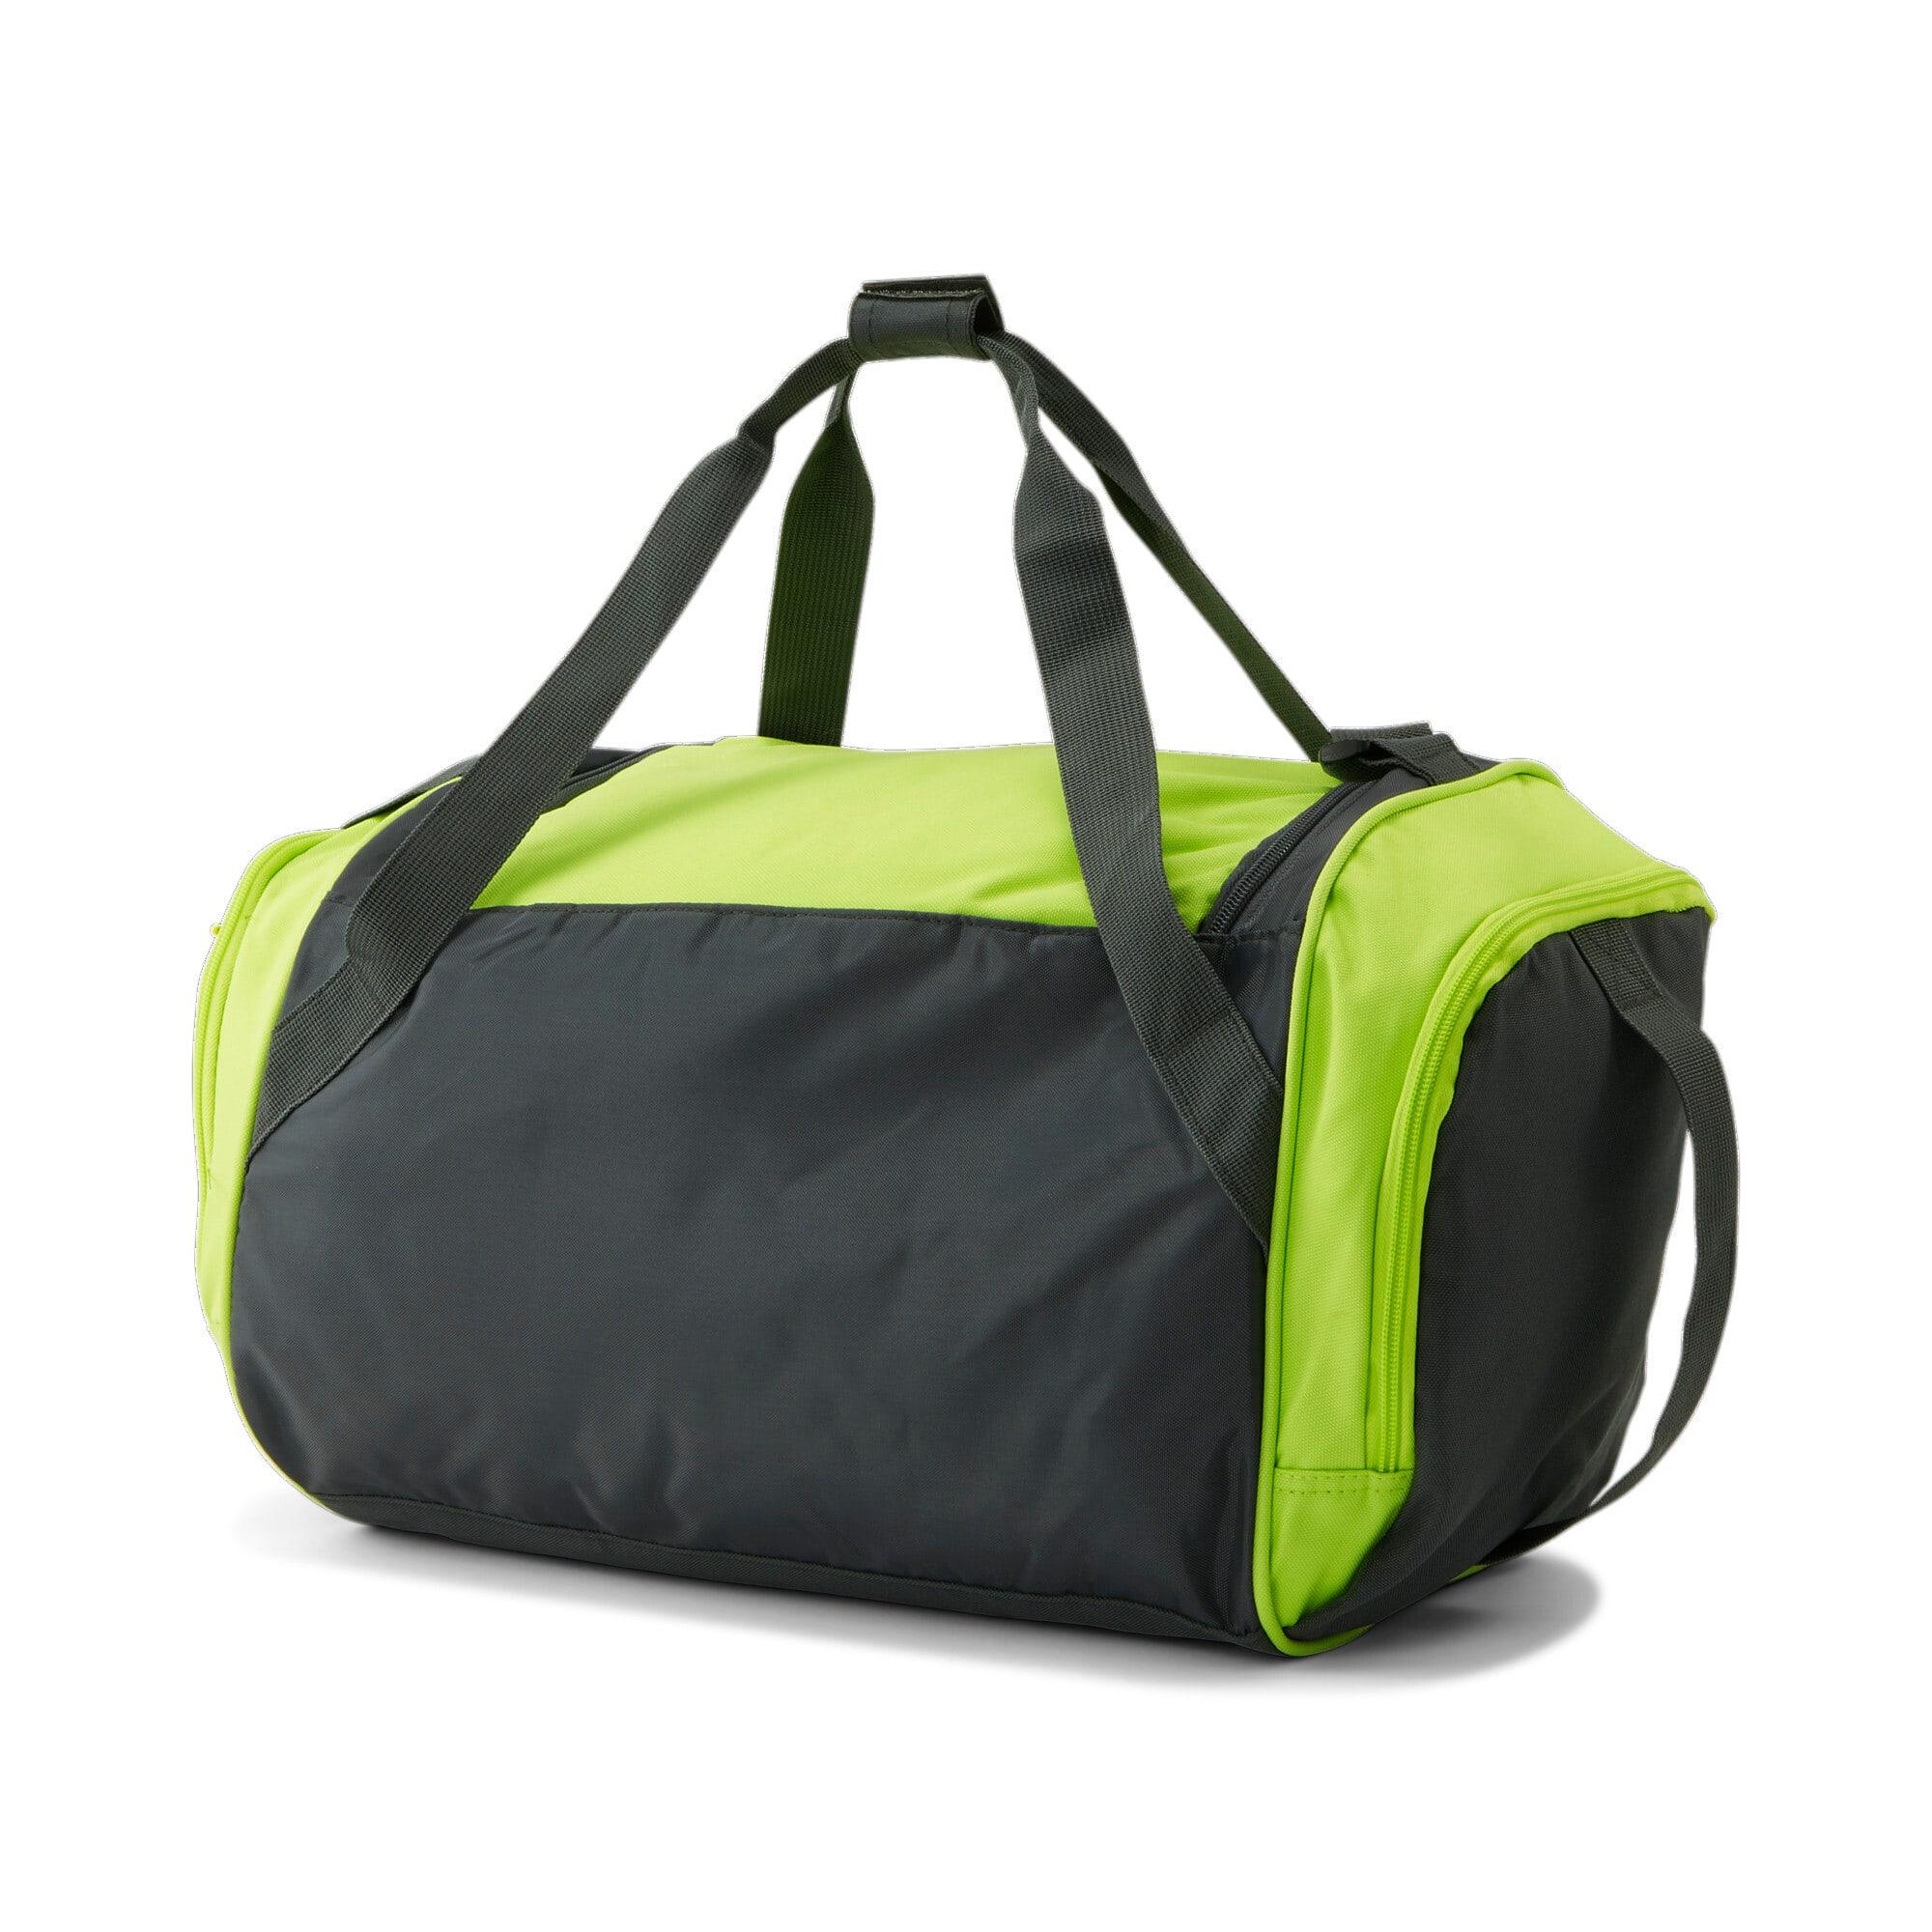 Thumbnail 2 of ProCat Duffel Bag, GREY/GREEN, medium